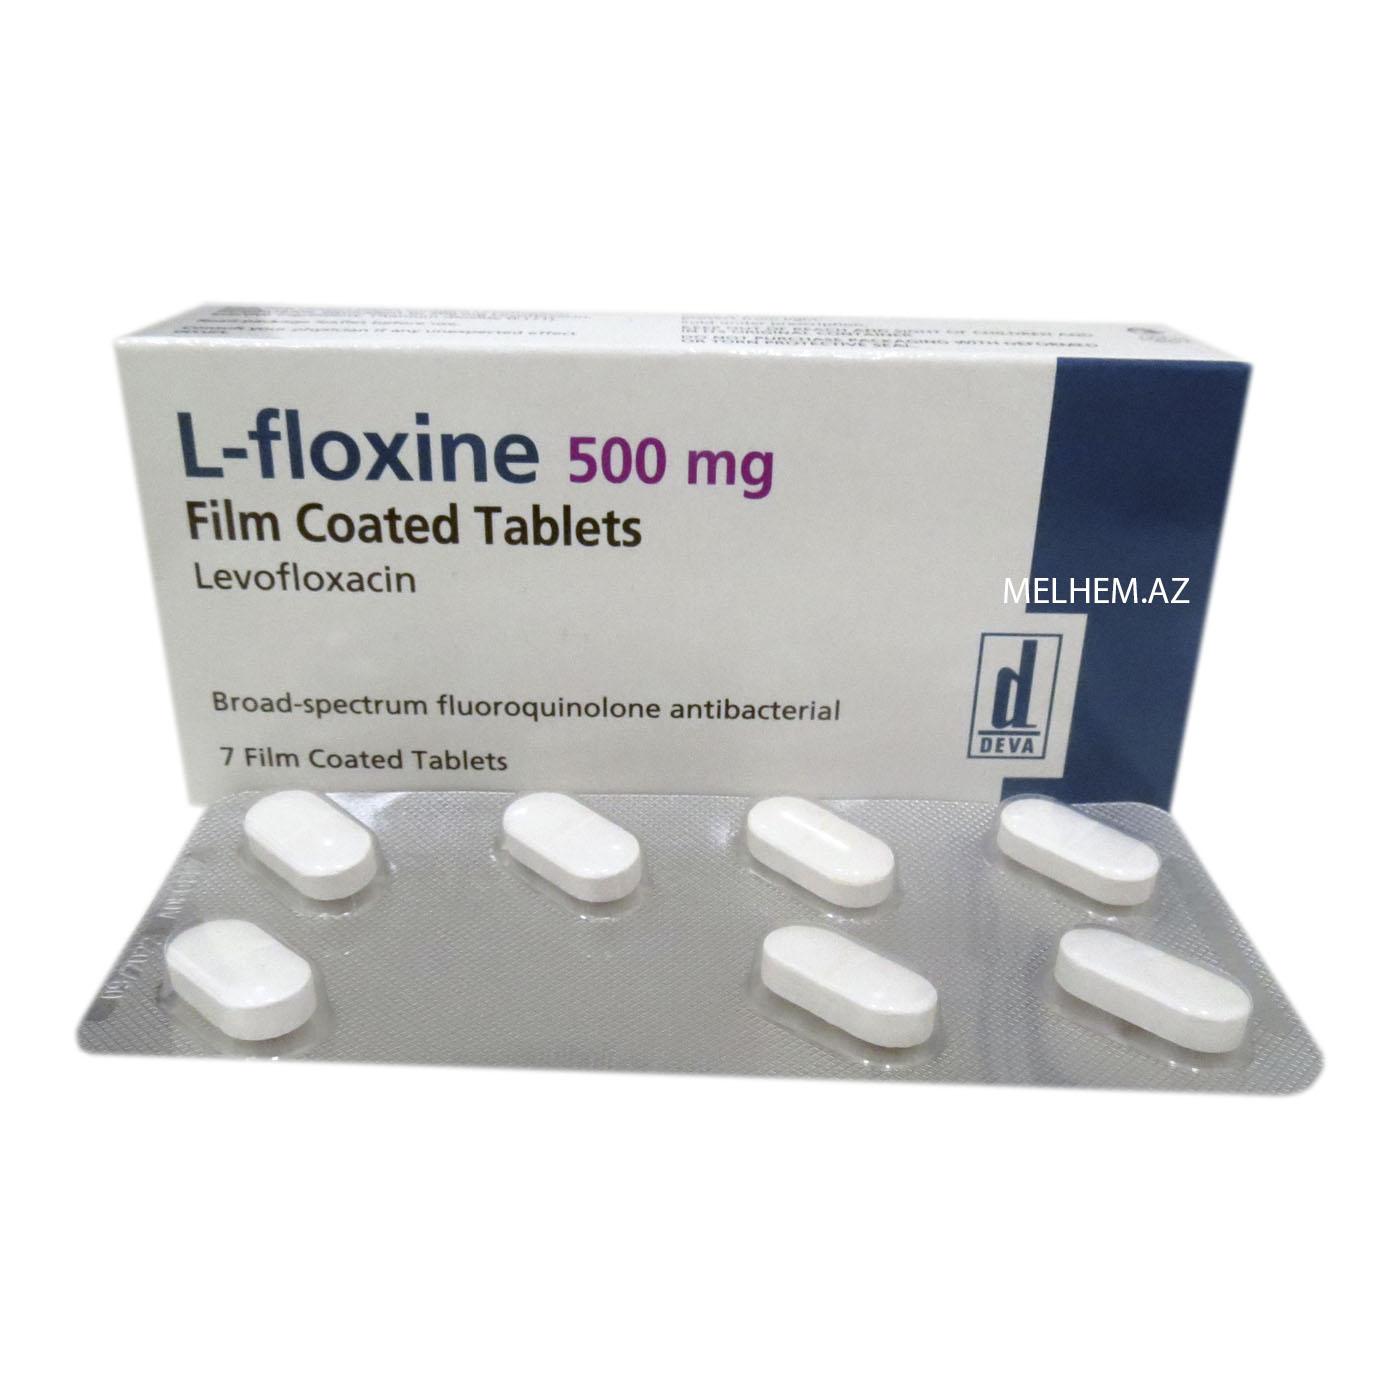 L-FLOXINE 500 MG